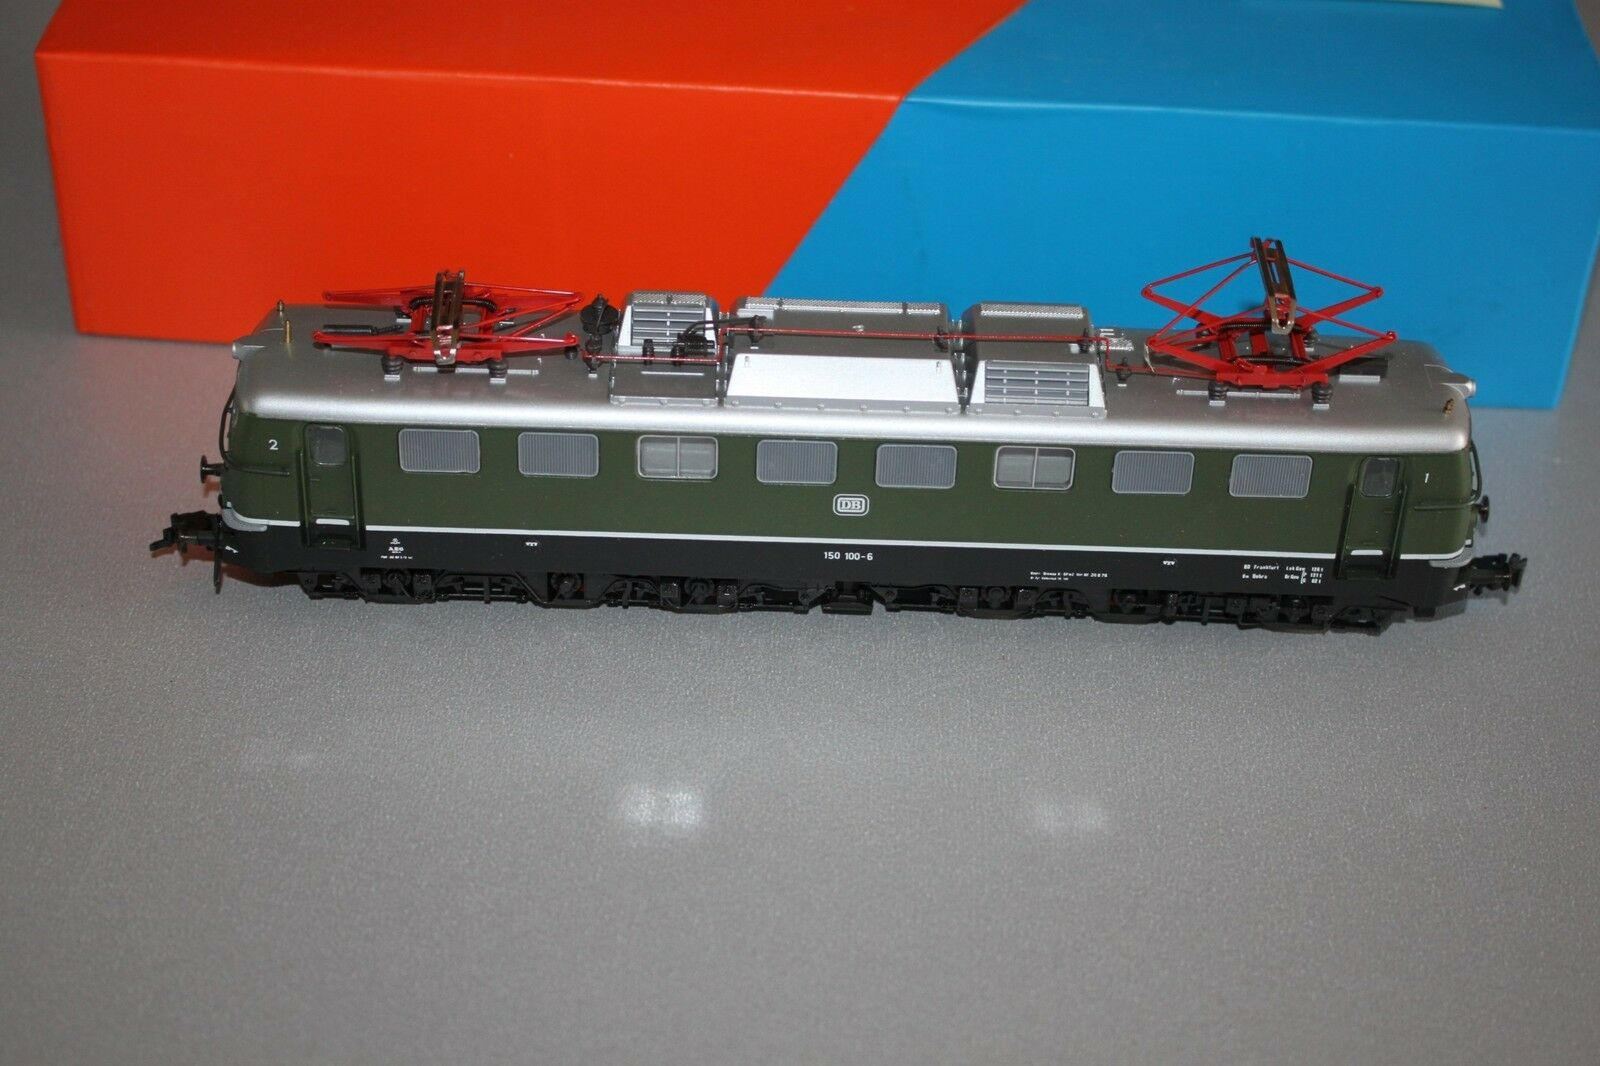 Roco 43584 Elok Baureihe 150 -6 DB gr 65533;, n Spur H0